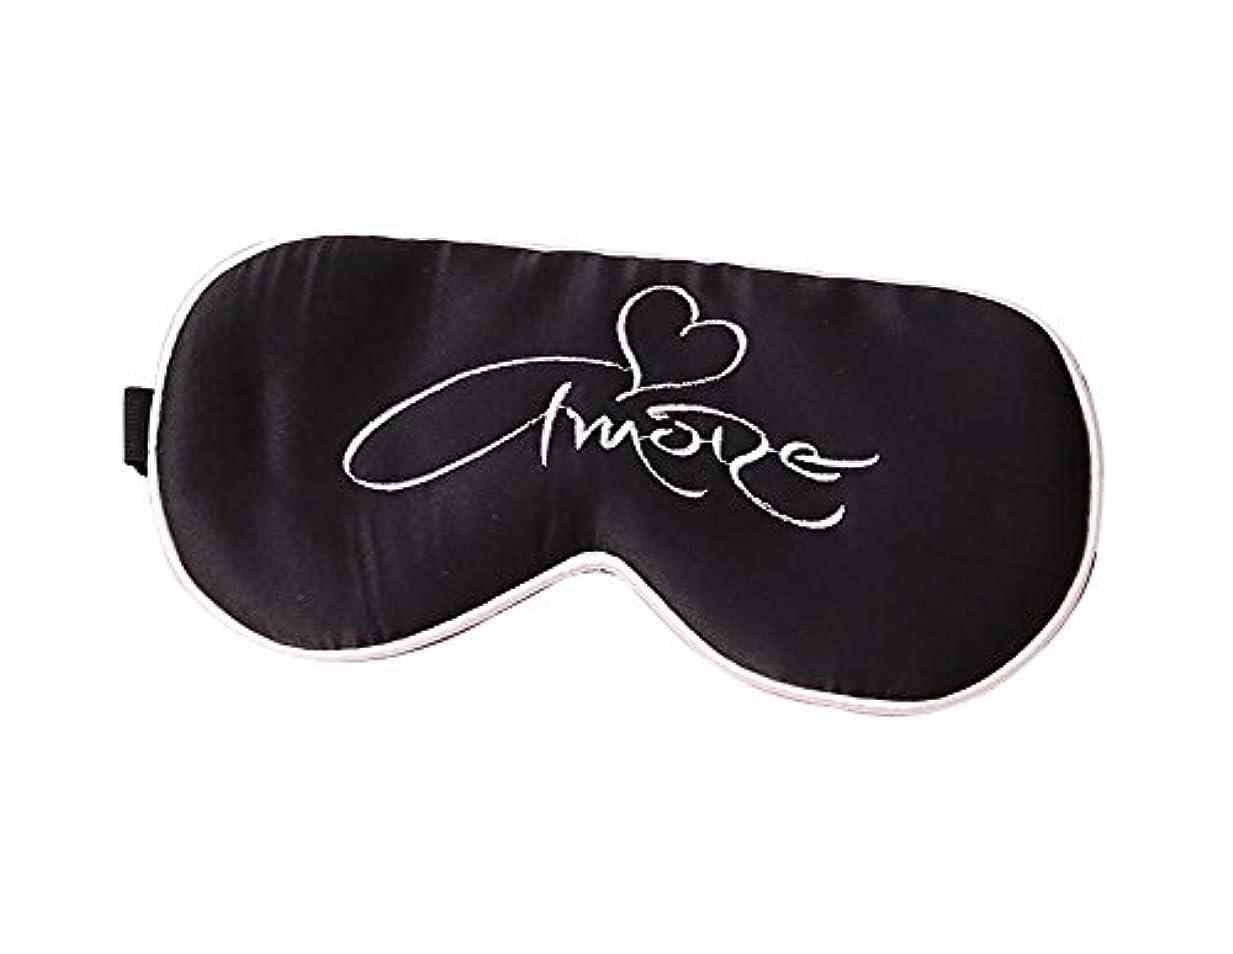 落胆する望み宴会黒い刺繍睡眠のアイマスクシルク快適なアイカバー通気性のアイシェード